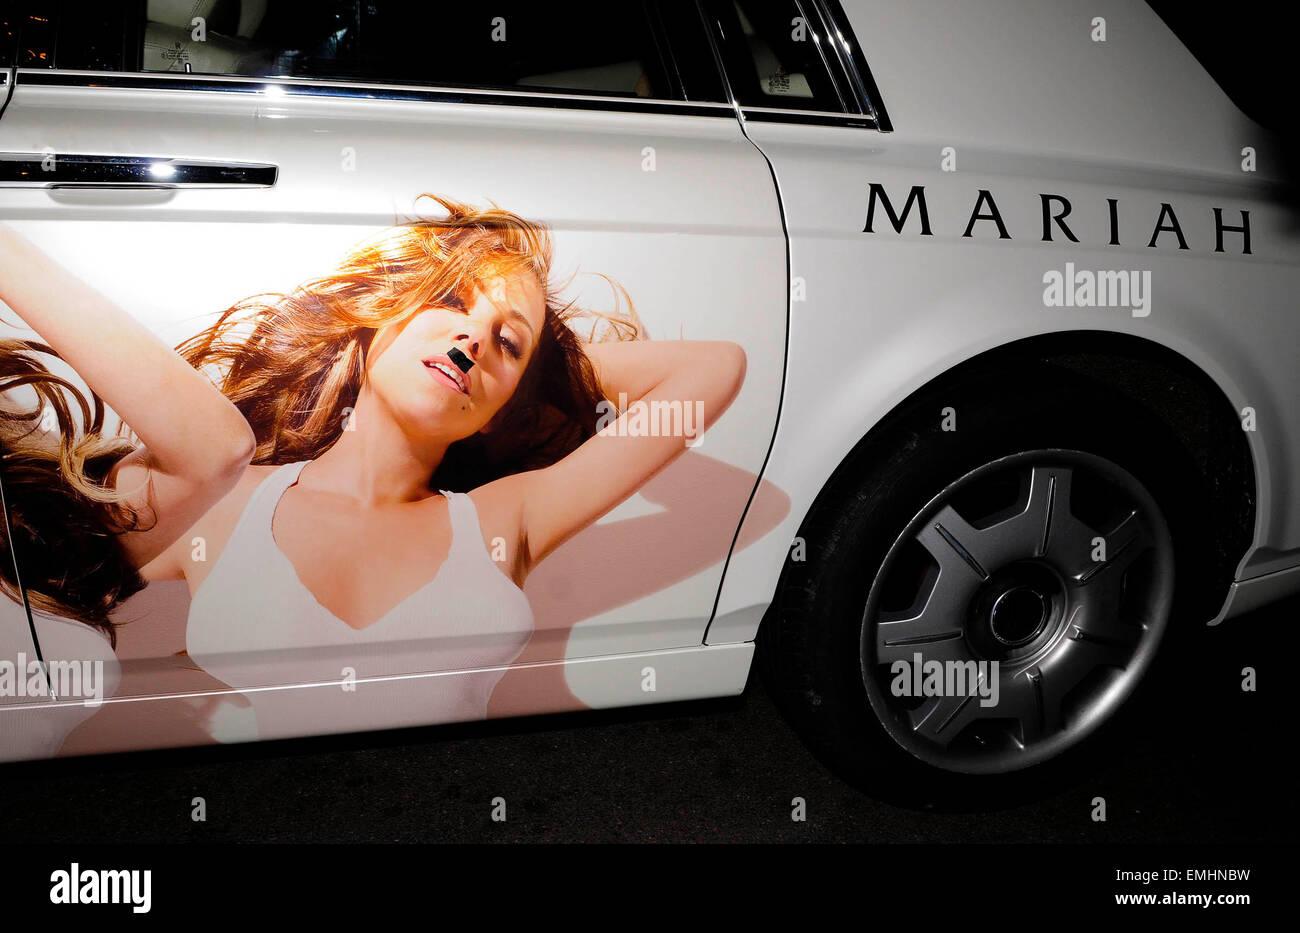 Mariah carey album stock photos mariah carey album stock images alamy - Mariah carey diva ...